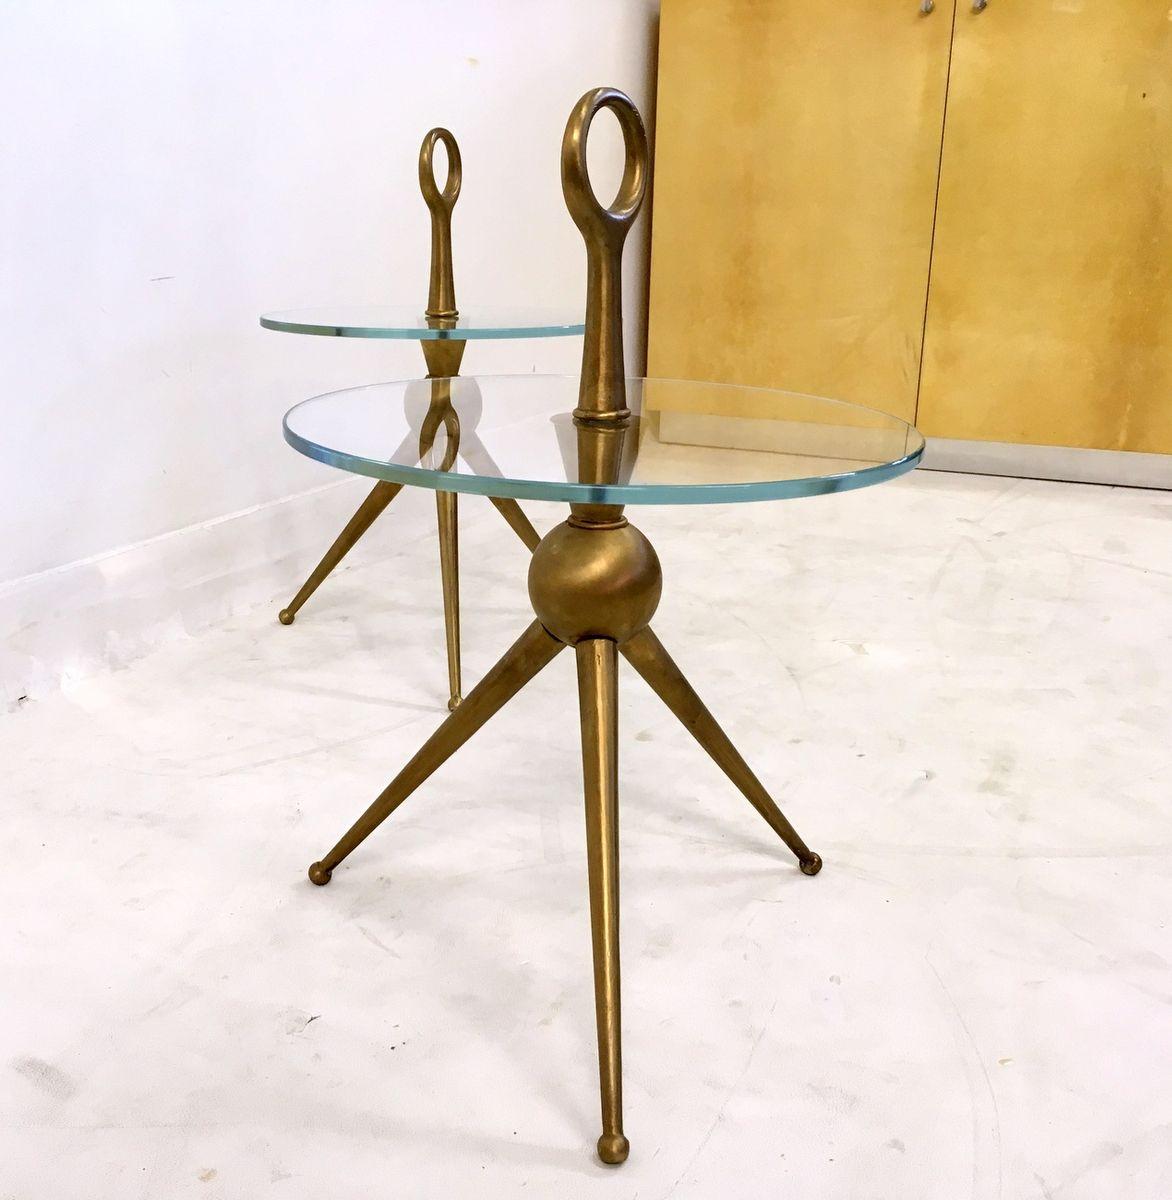 ma geschneiderte italienische vintage beistelltische aus messing glas 2er set bei pamono kaufen. Black Bedroom Furniture Sets. Home Design Ideas